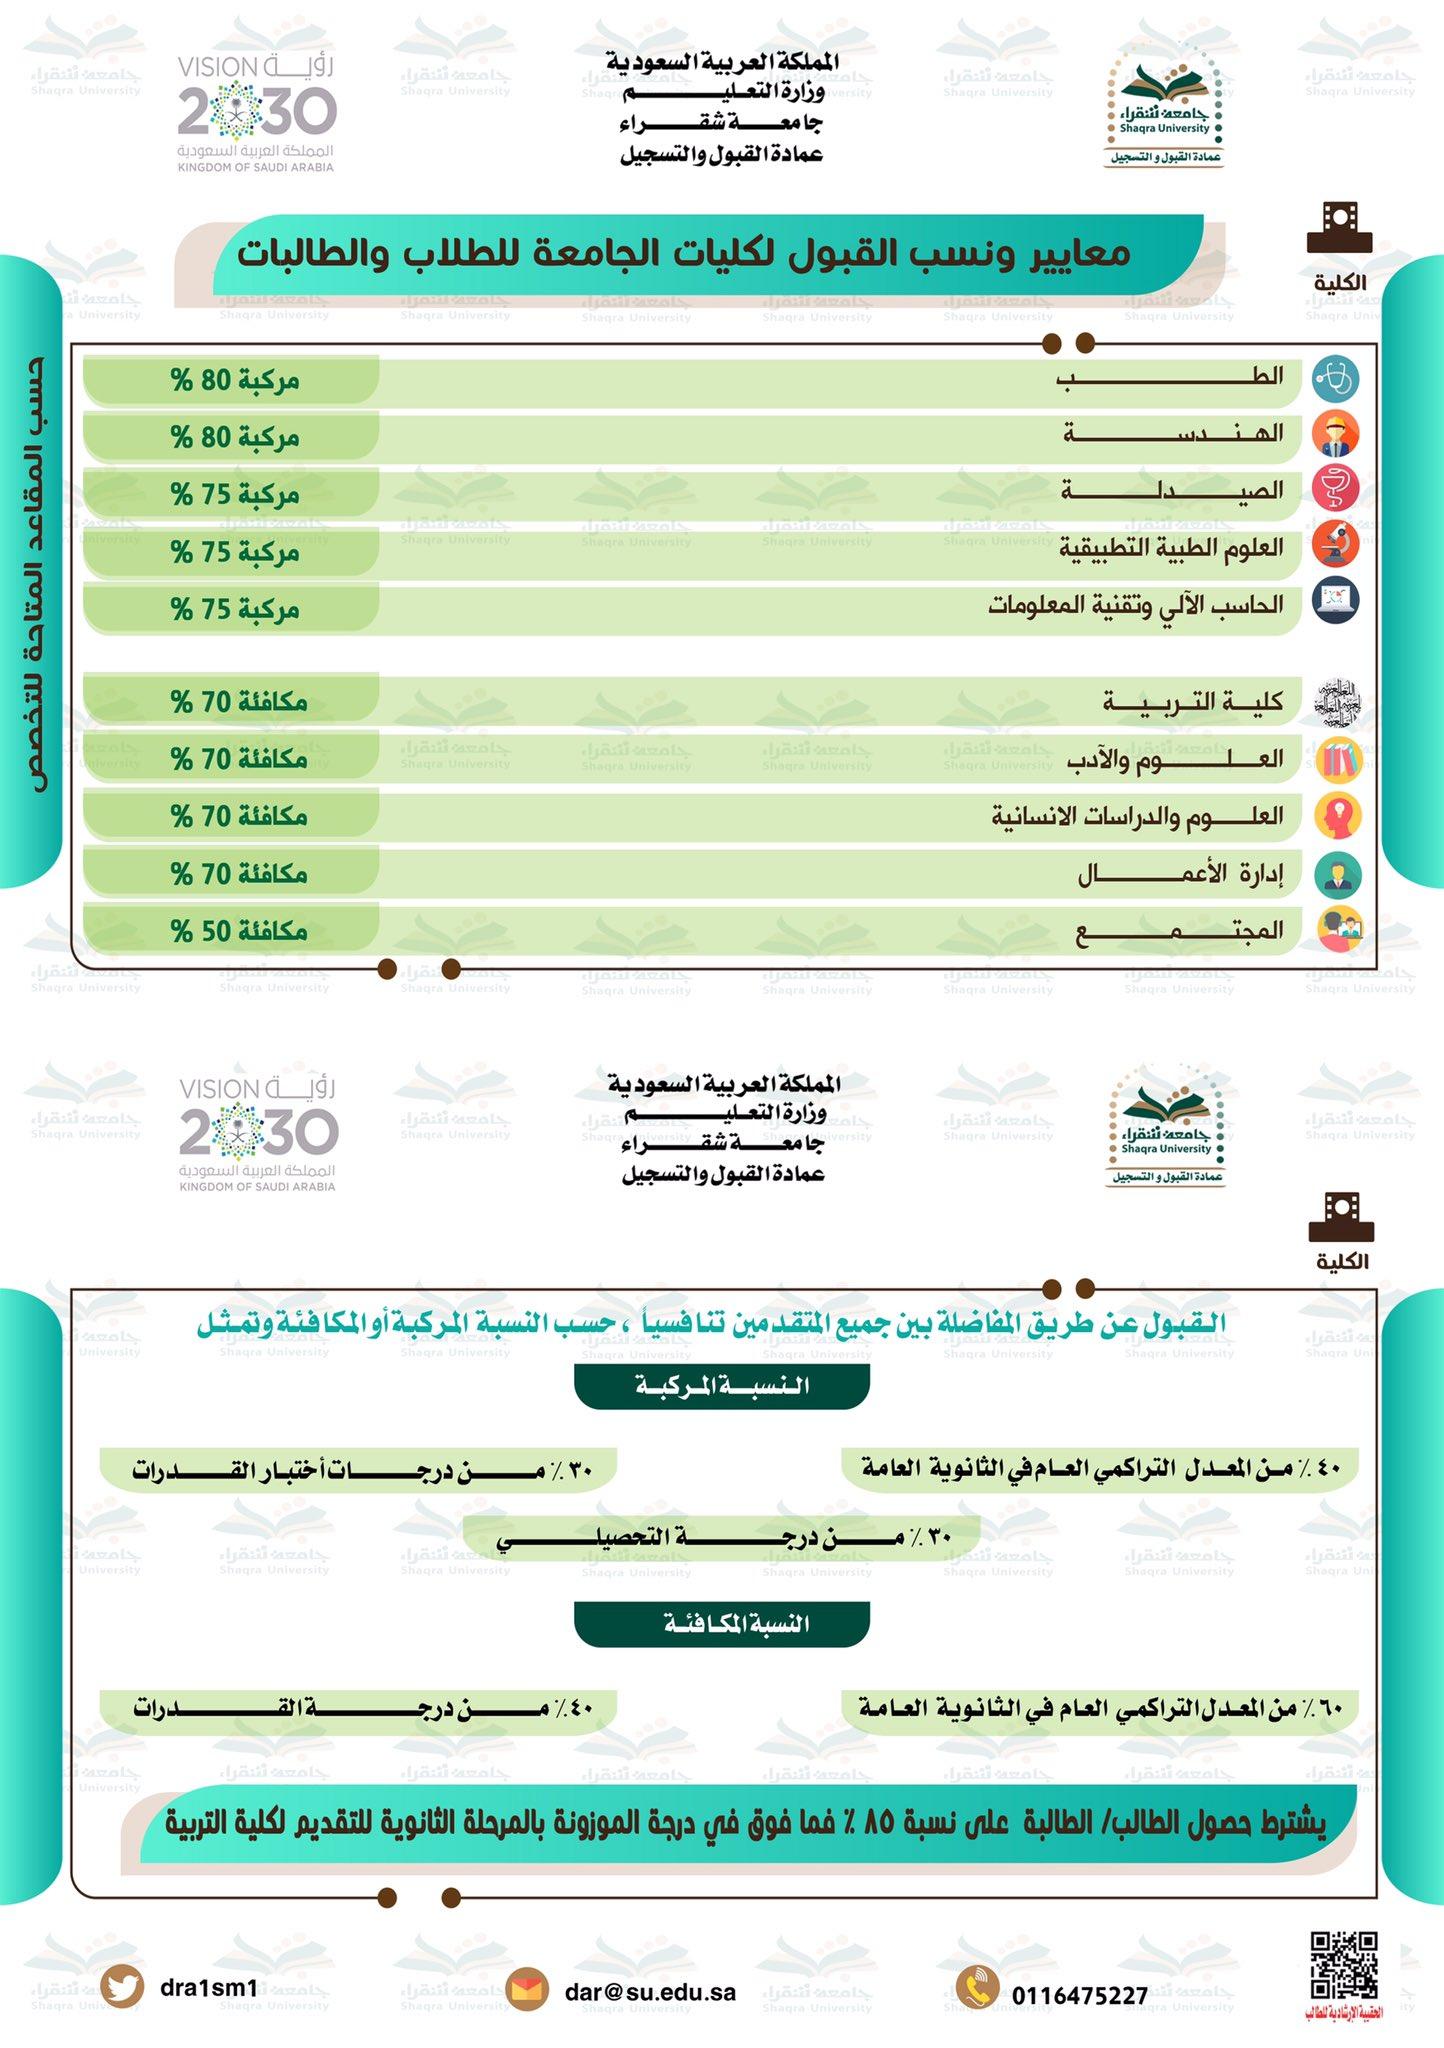 جـامعة شقراء Auf Twitter معايير ونسب القبول في كليات جامعة شقراء